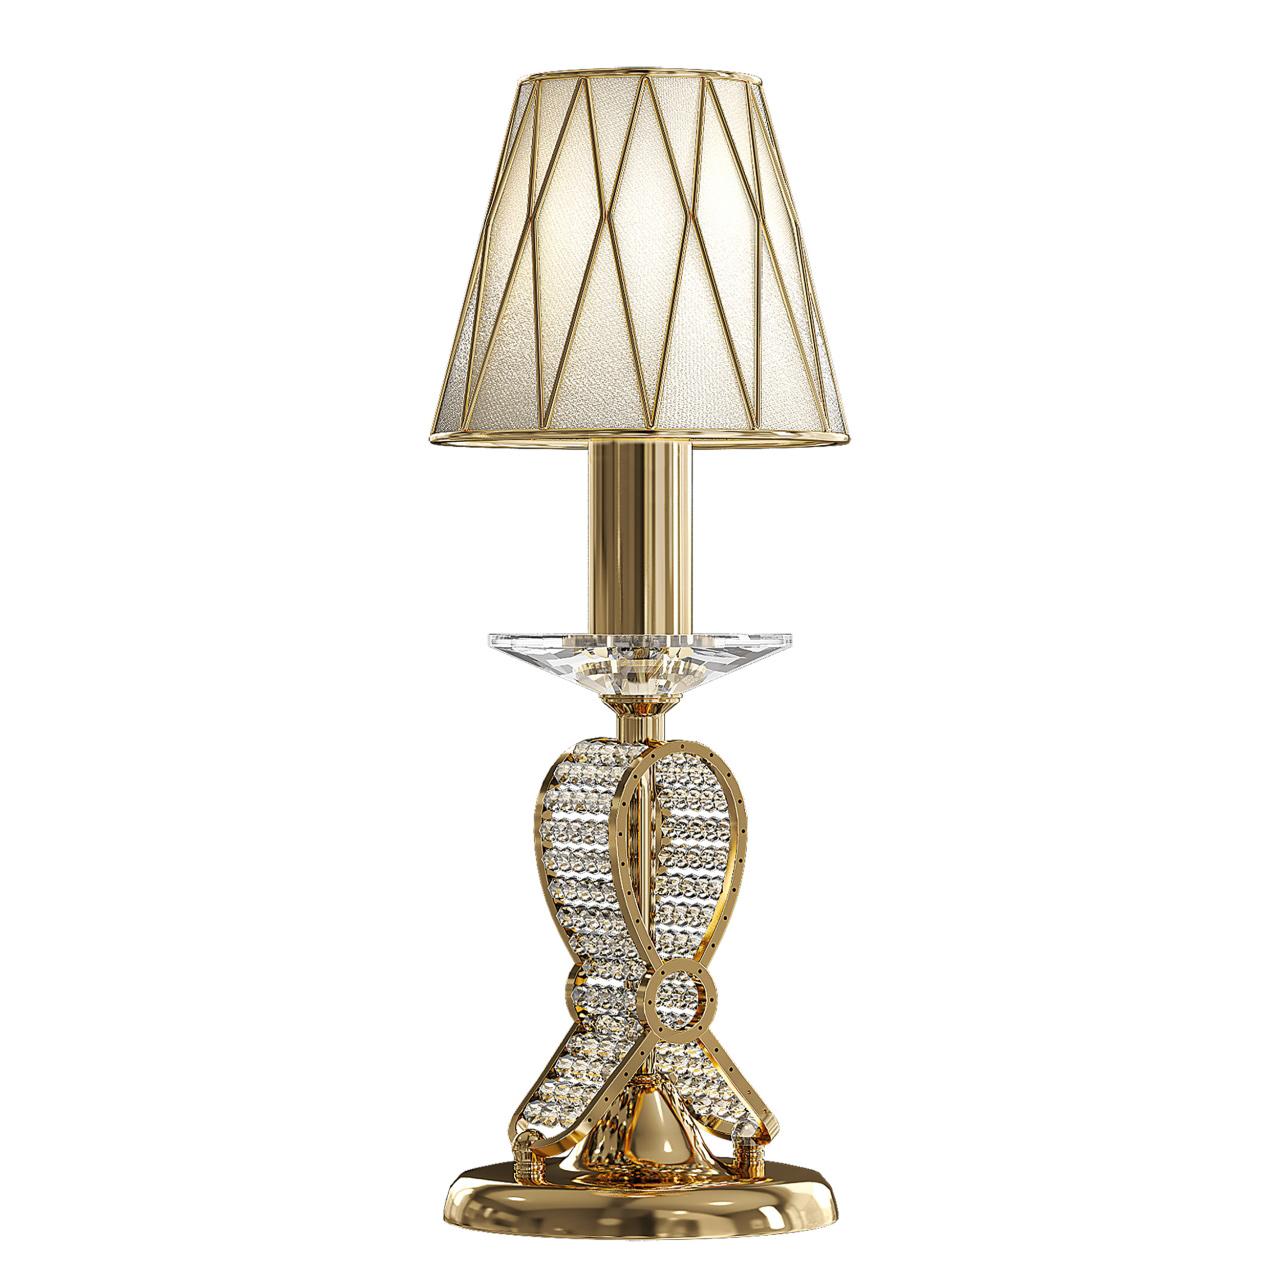 Настольная лампа Ricerco 1х40W E14 24K золото Osgona 705912